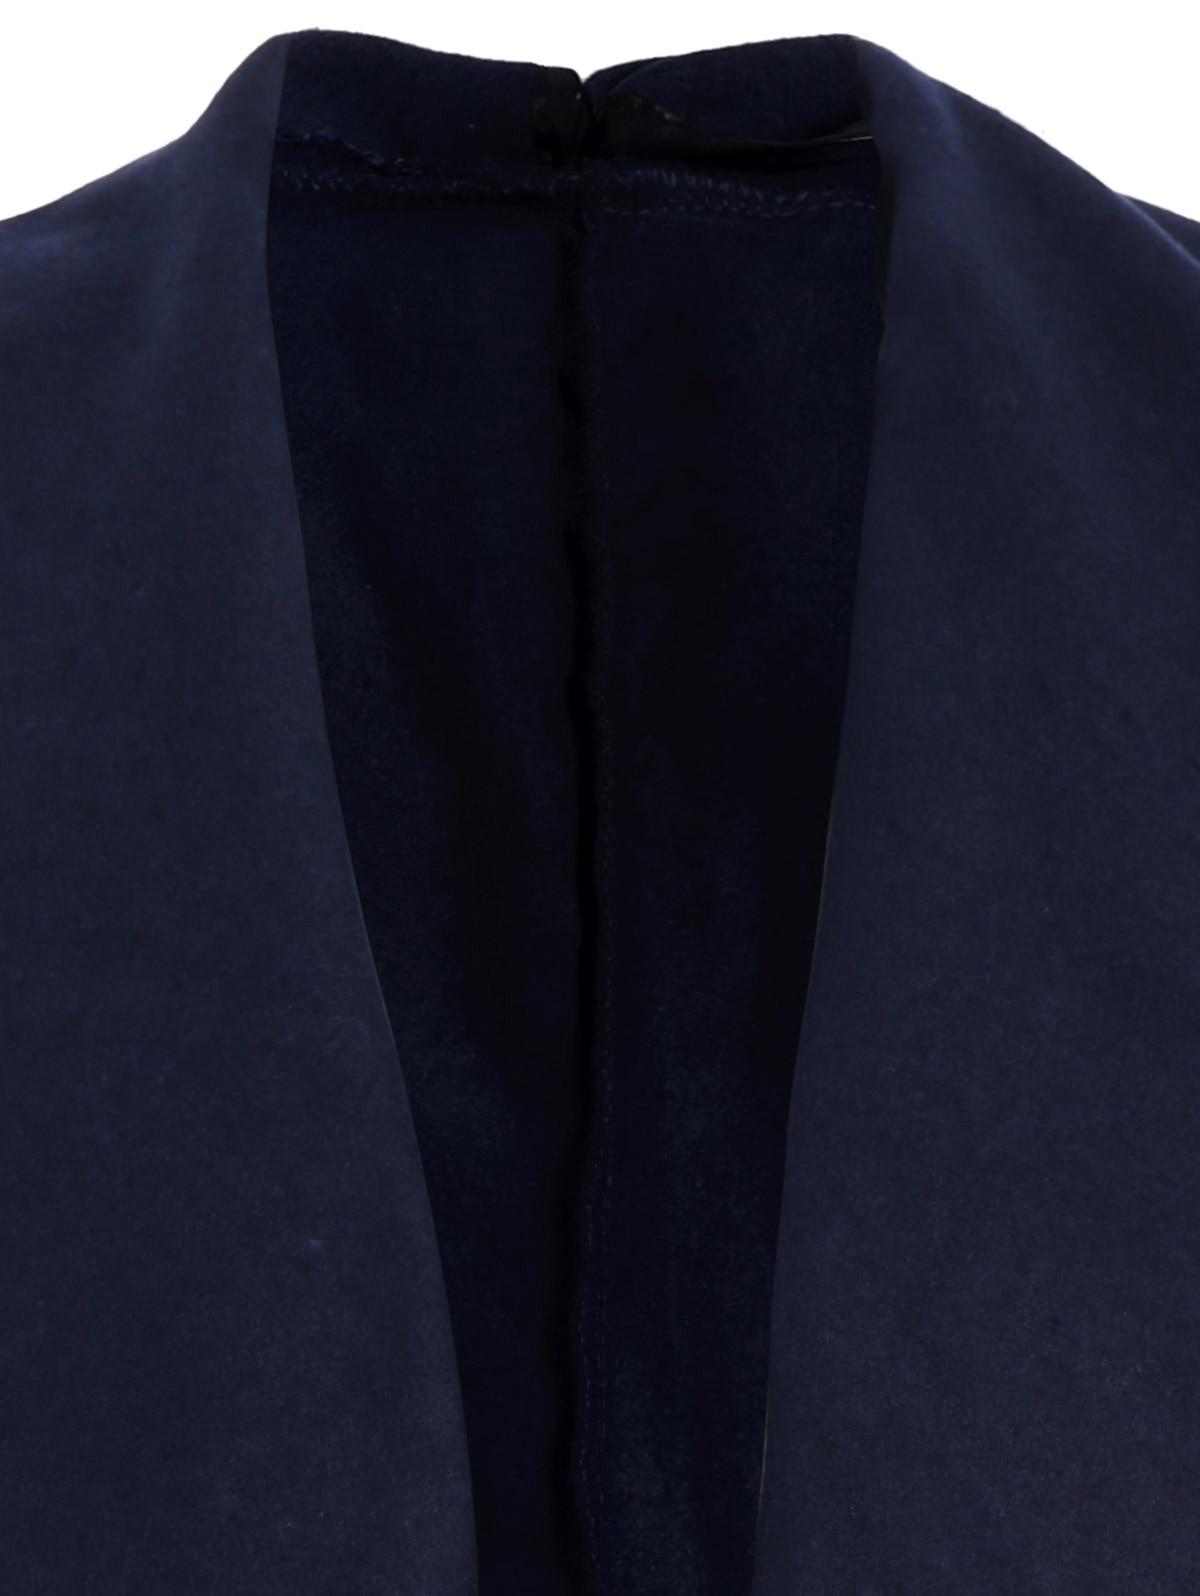 Asymétrique Col La Mode Pour Femmes Longues Manteau Les À Roulé Manches axYYOw